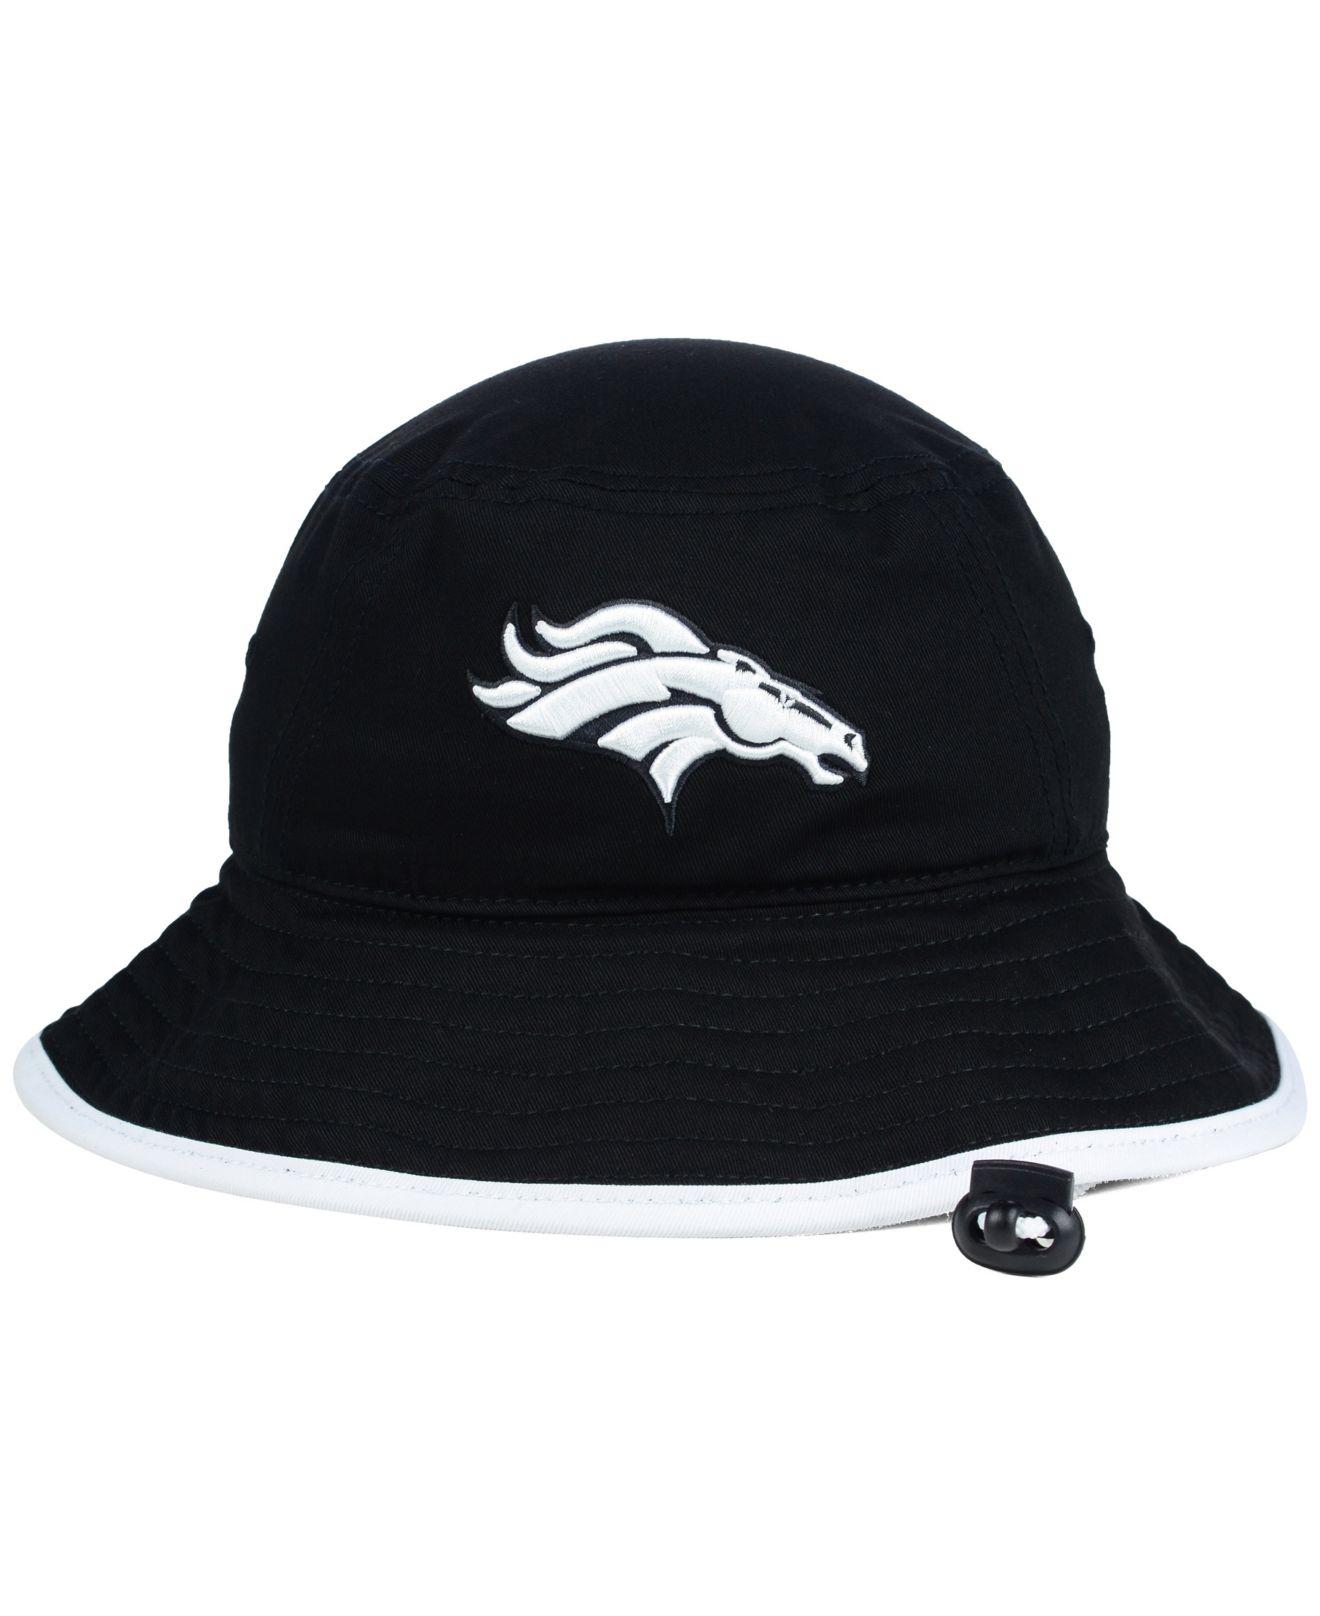 04fe7e6c1 Lyst Ktz Denver Broncos Nfl Black White Bucket Hat In